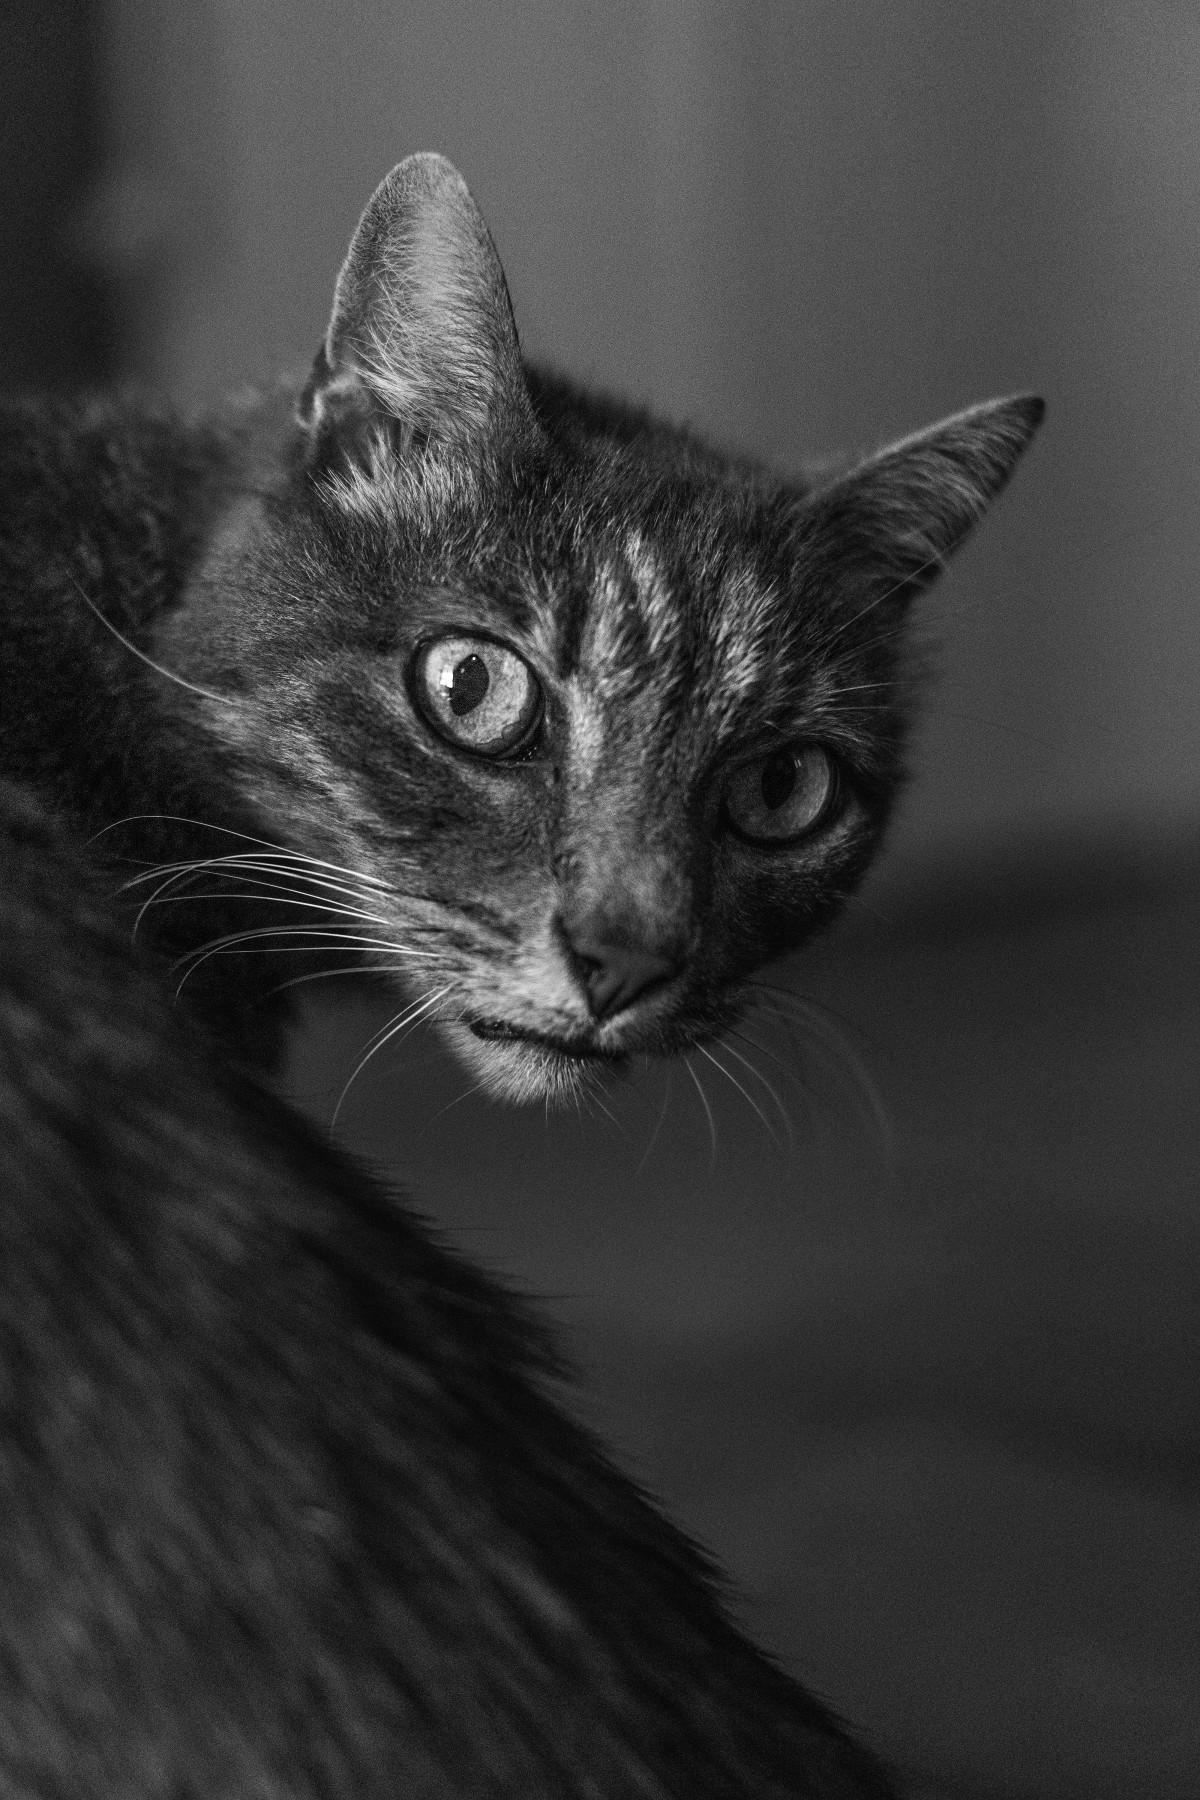 ce296b3c03aa εικονεσ   Γάτα